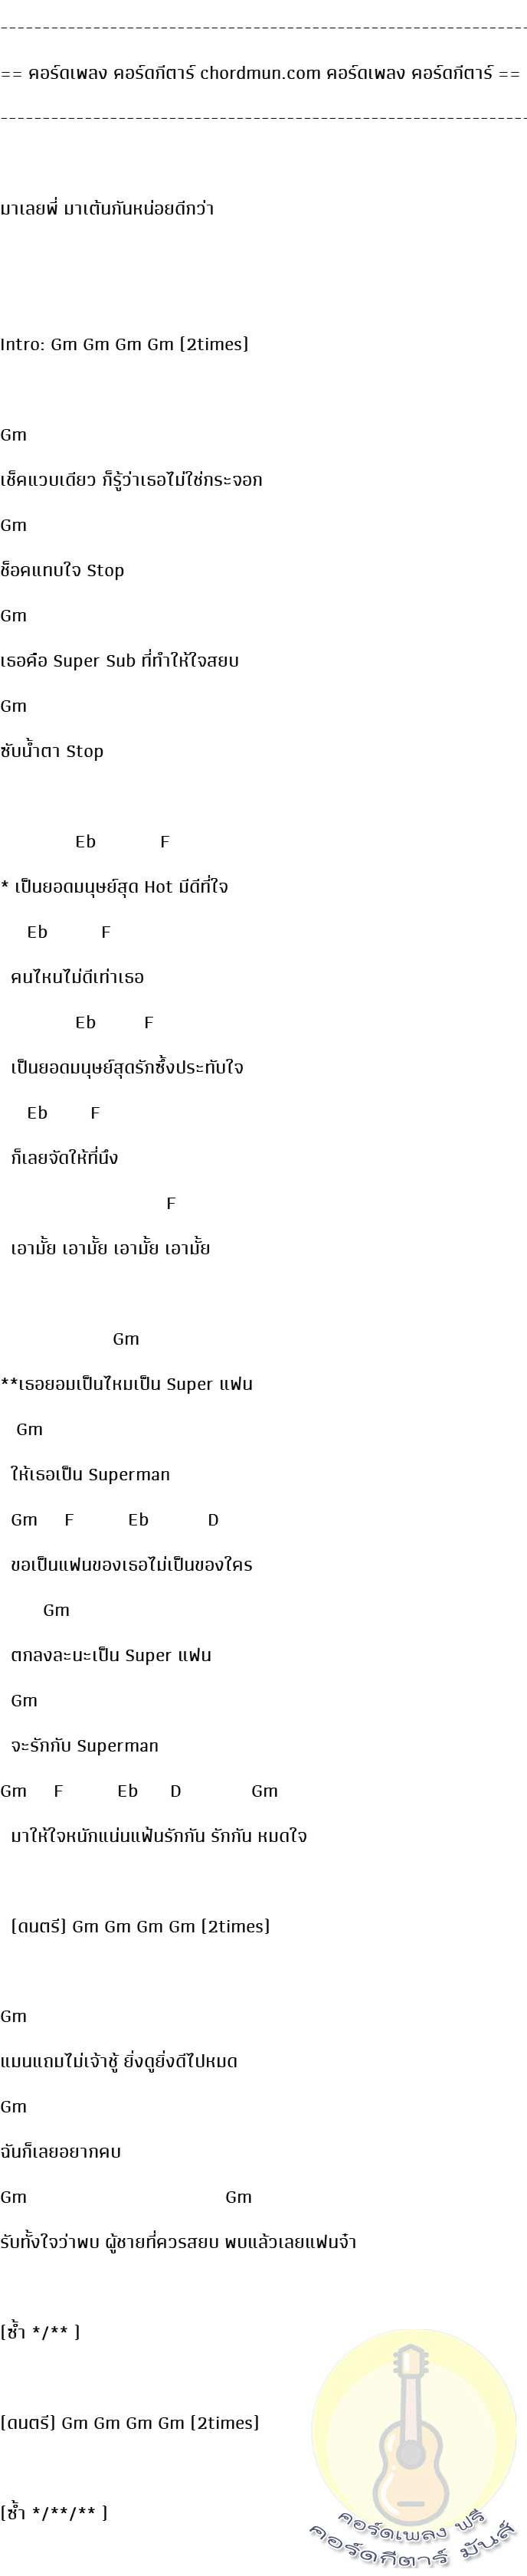 คอร์ดกีต้า  เพลง Super แฟน (Superman)